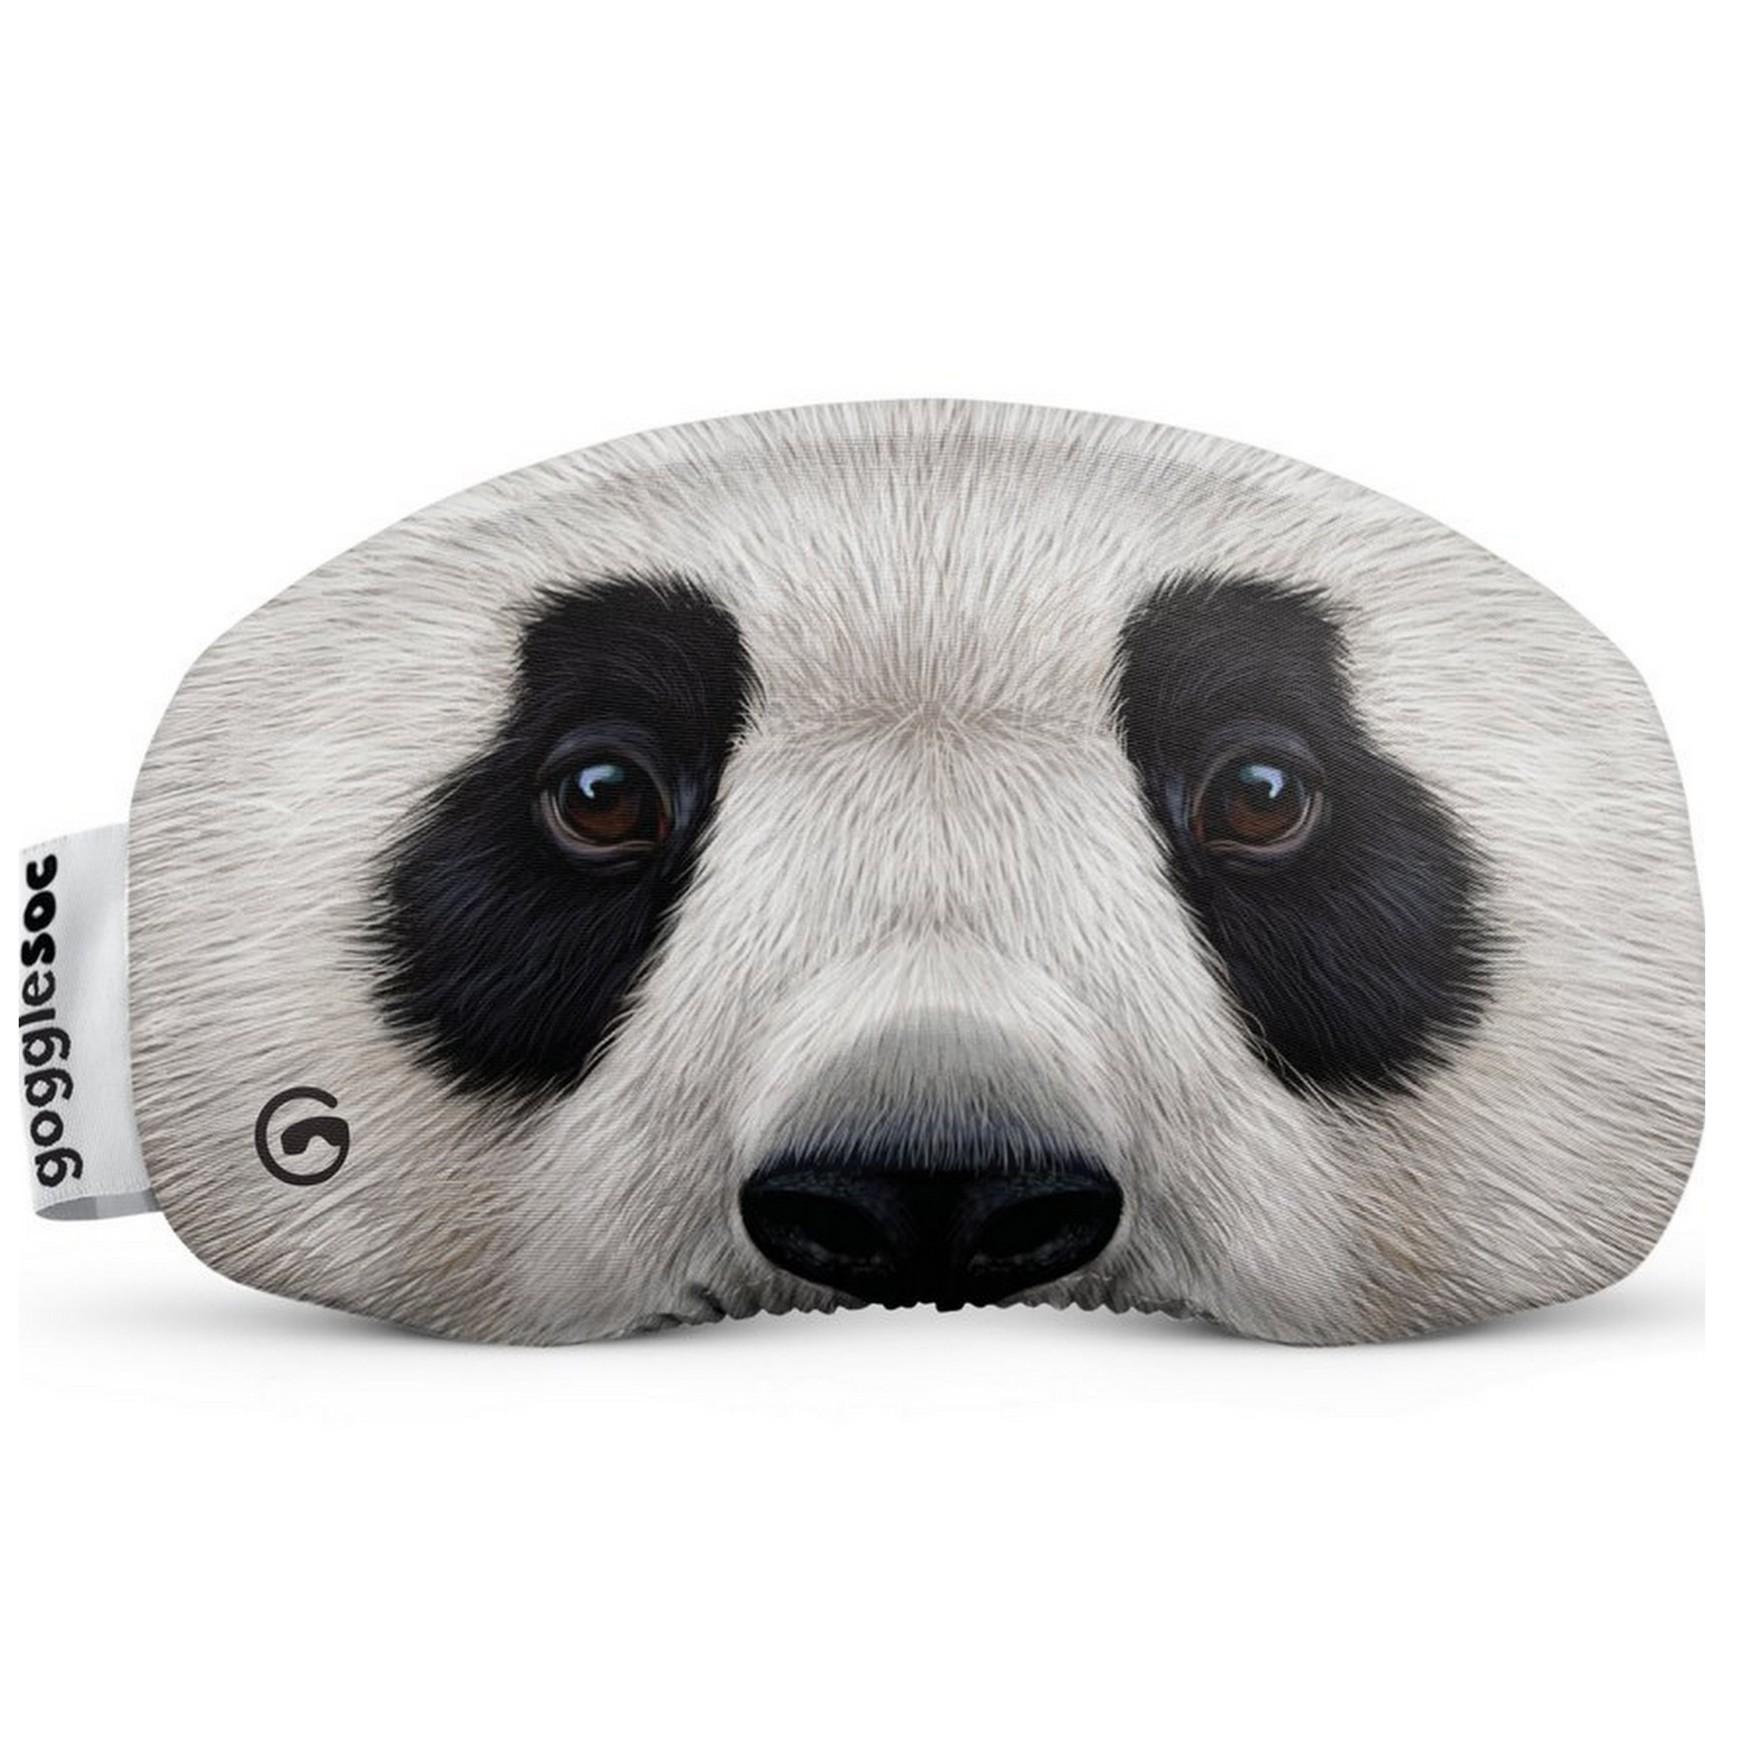 Gogglesoc - Panda Soc